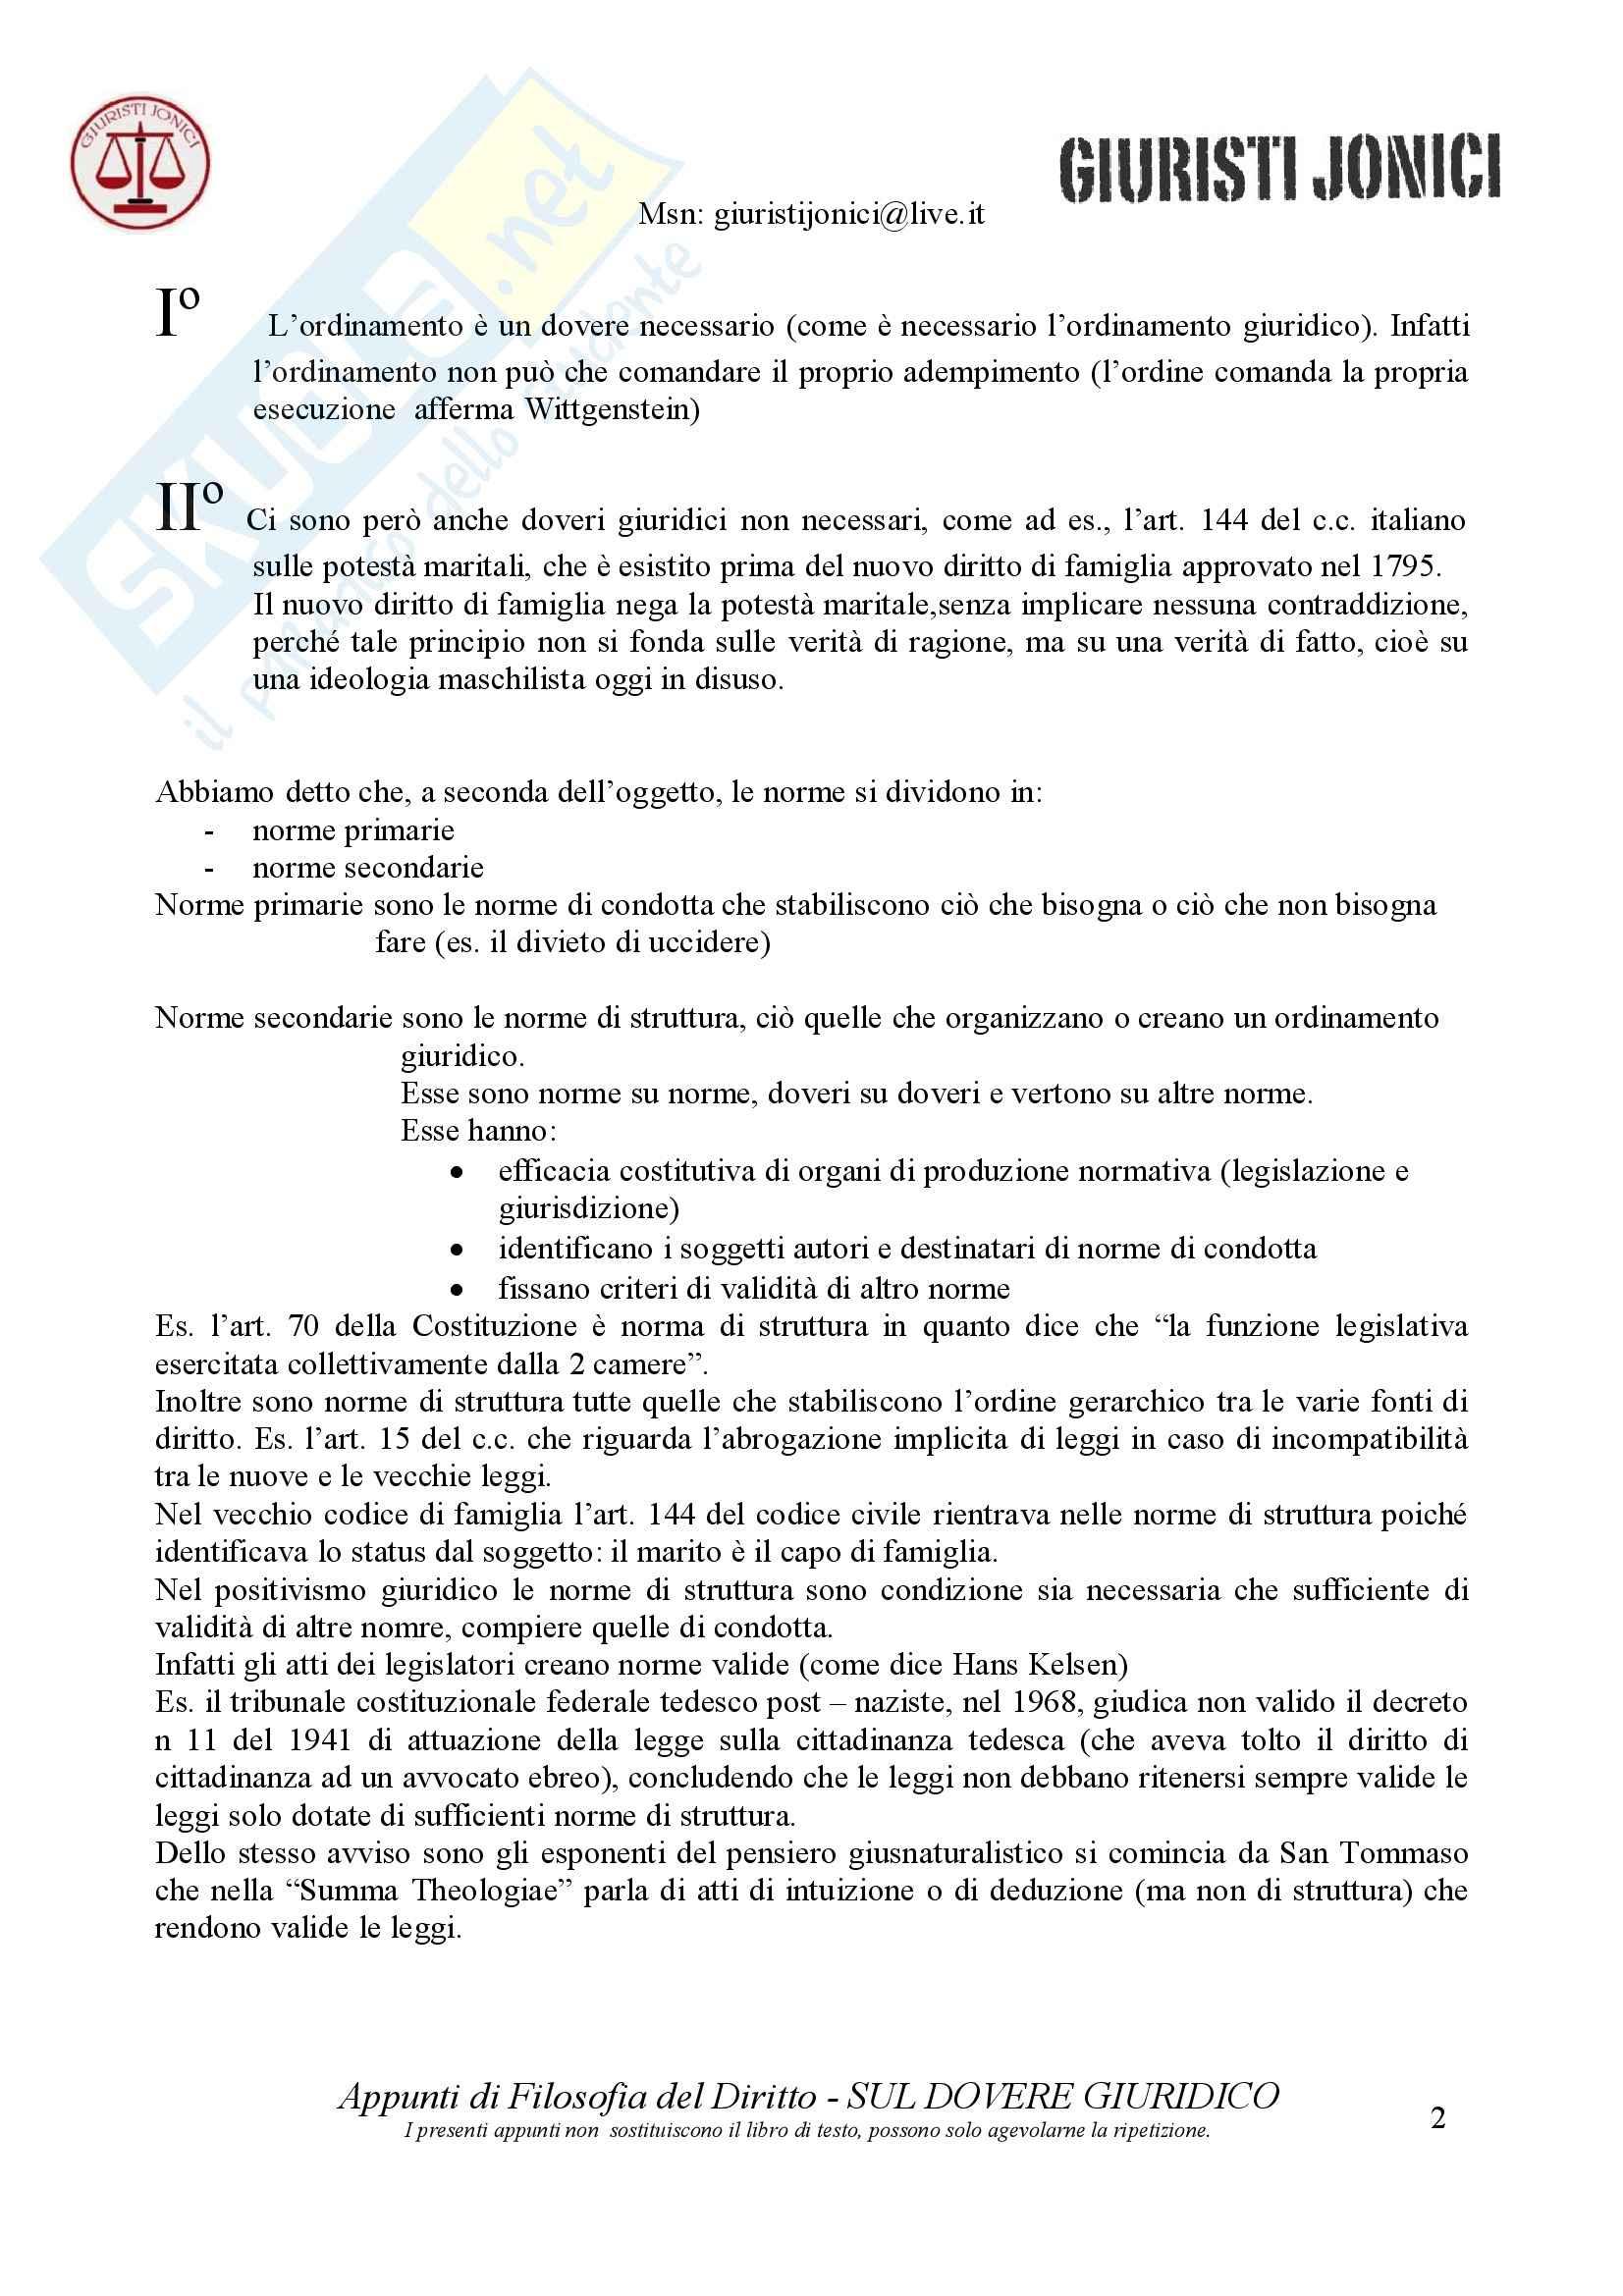 Filosofia del diritto - Dovere giuridico Pag. 2